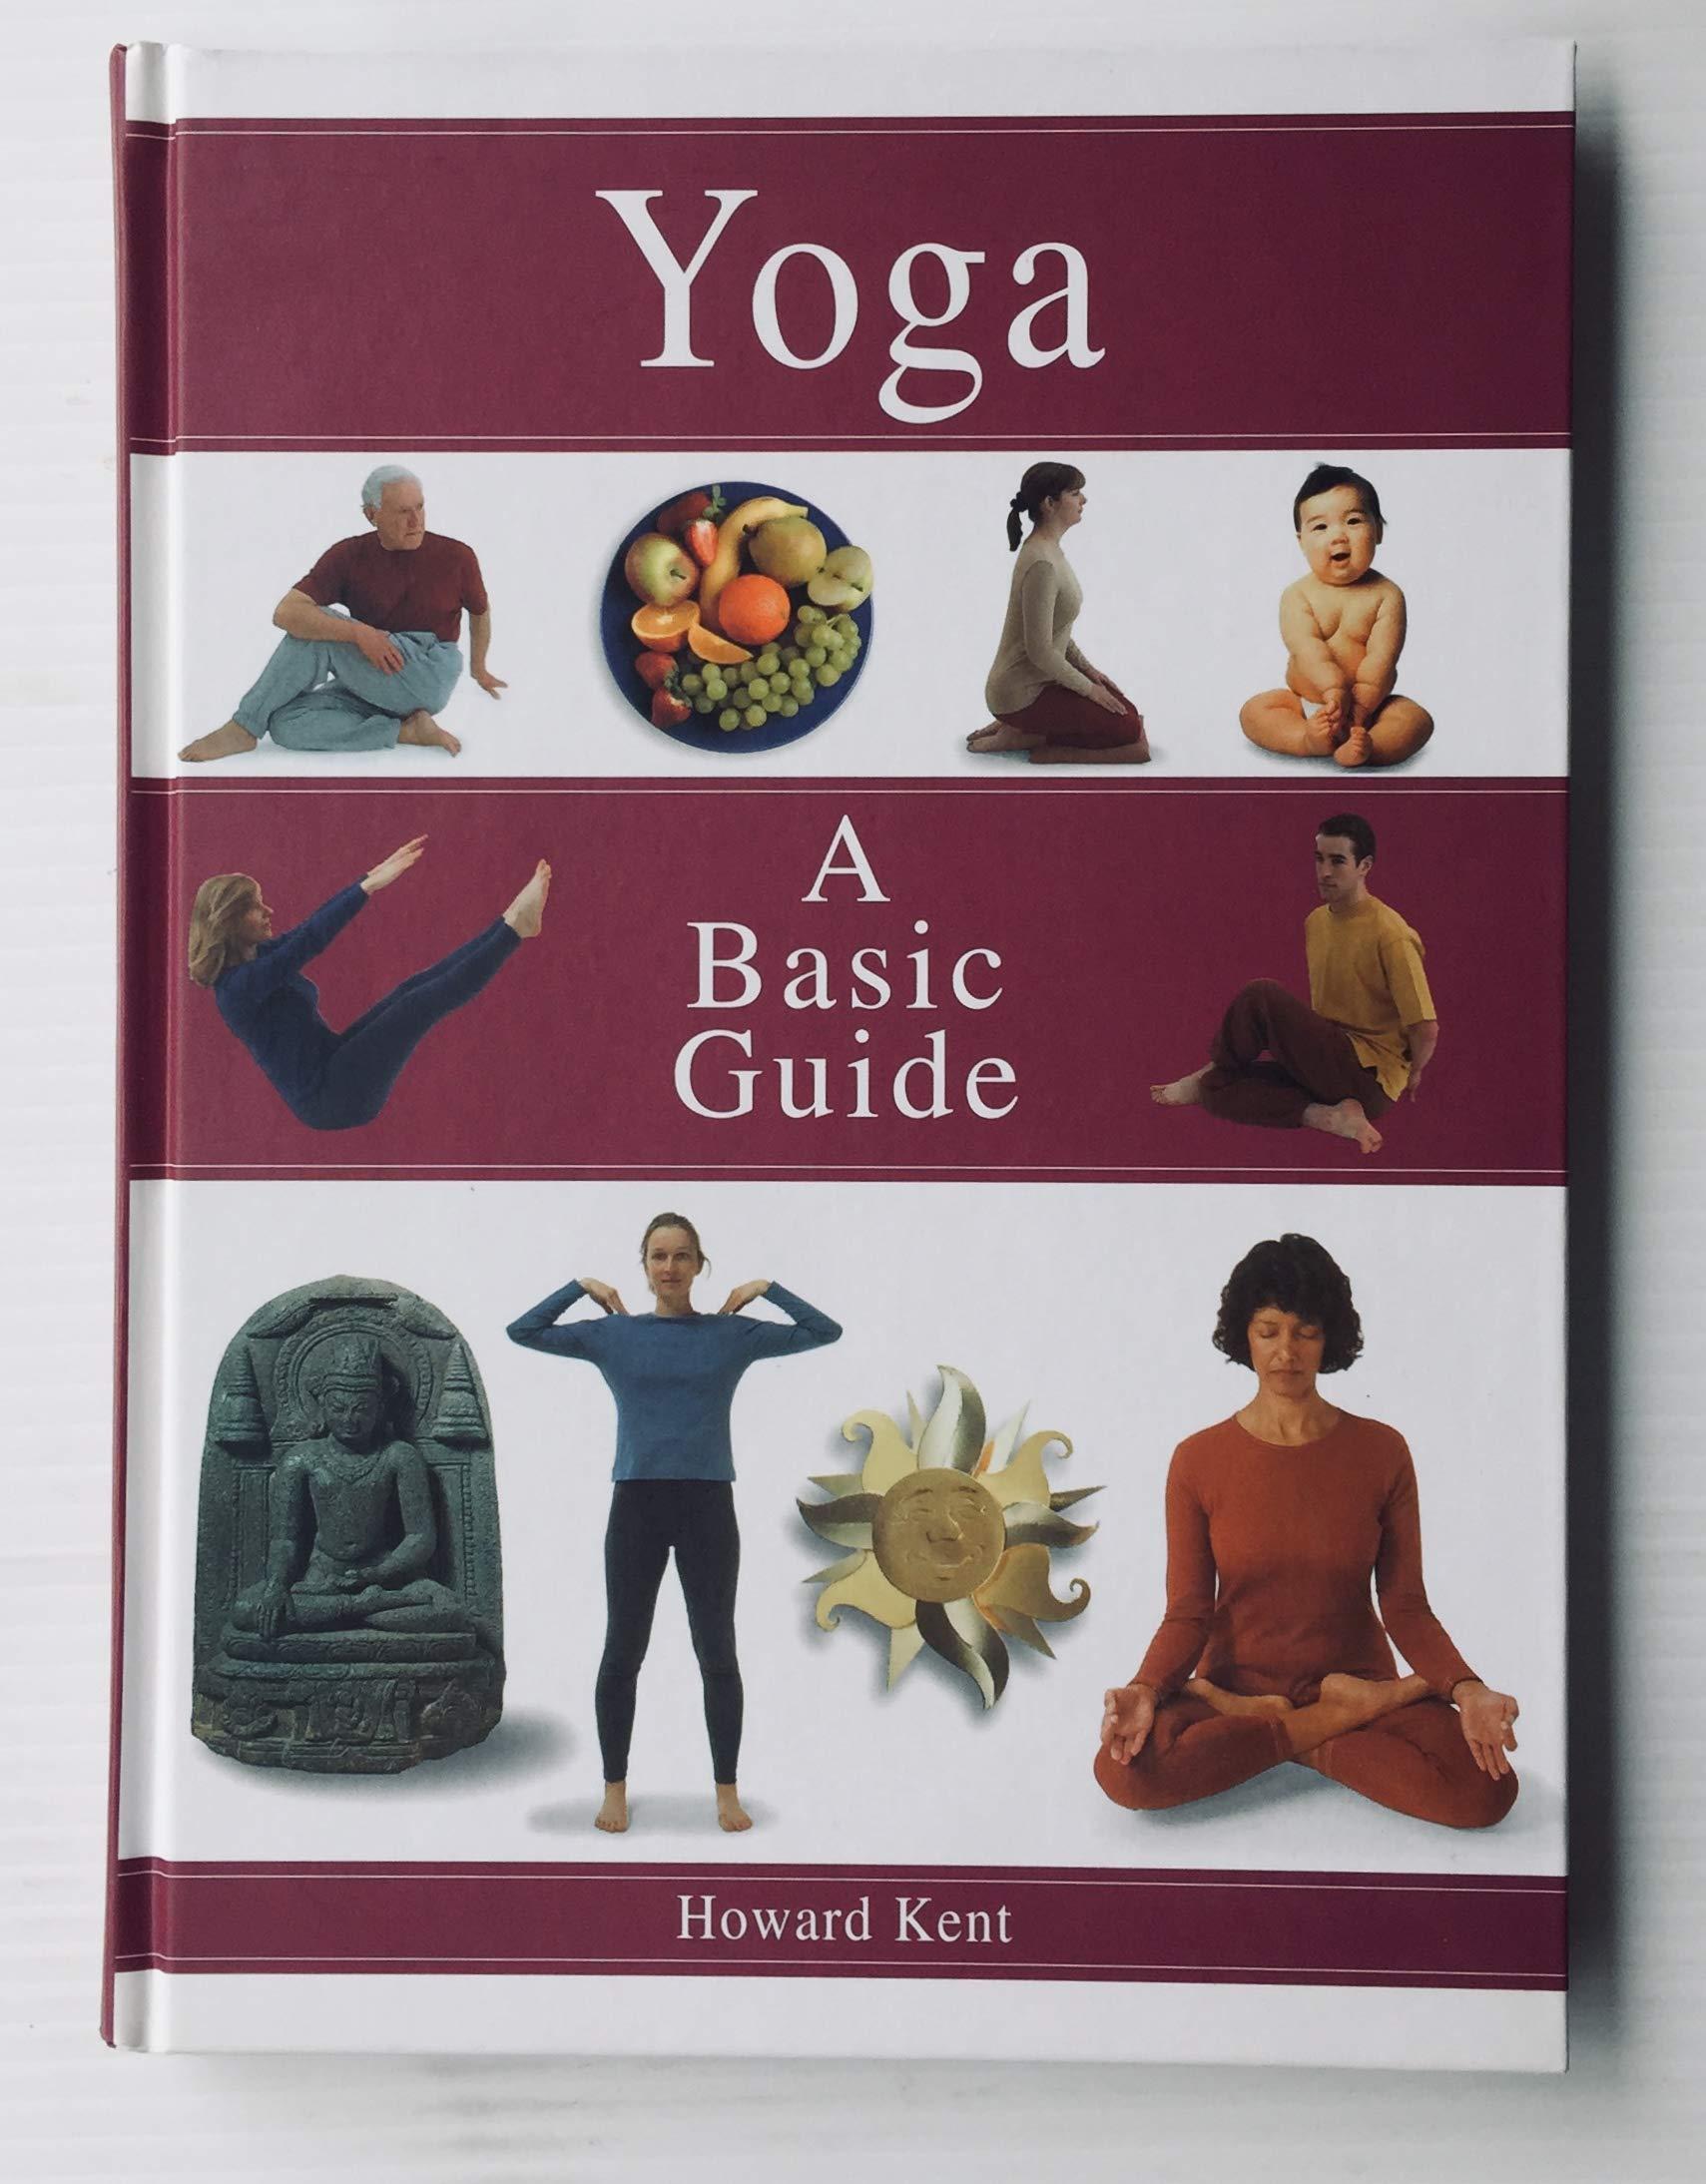 Yoga: A basic guide: Howard Kent: 9780760726419: Amazon.com ...